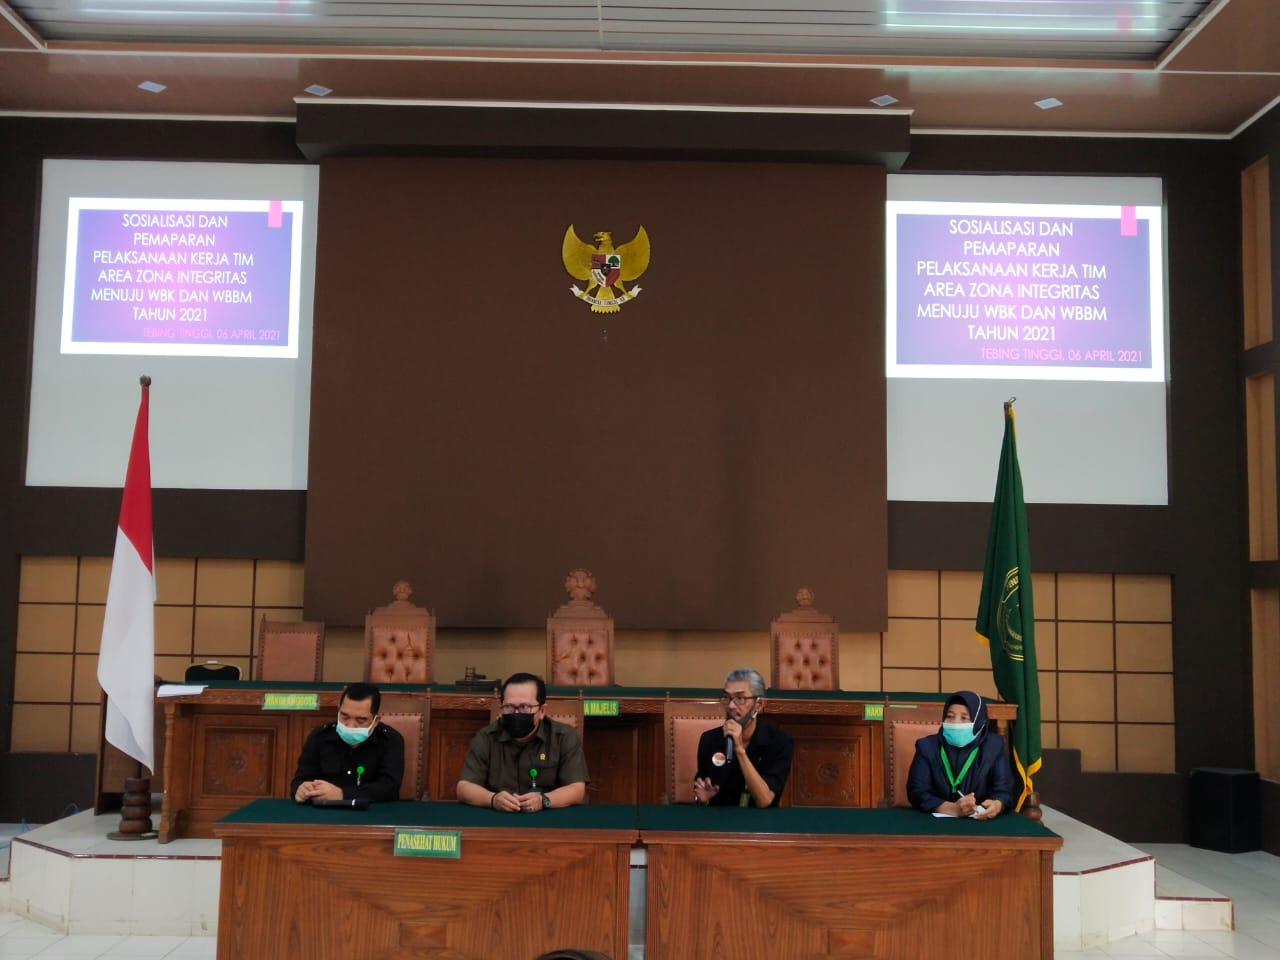 Sosialisasi dan Pemaparan Pelaksanaan Kerja Tim Area Zona Integritas menuju Wilayah Bebas Korupsi (WBK) dan Wilayah Birokrasi Bersih Melayani (WBBM) Tahun 2021